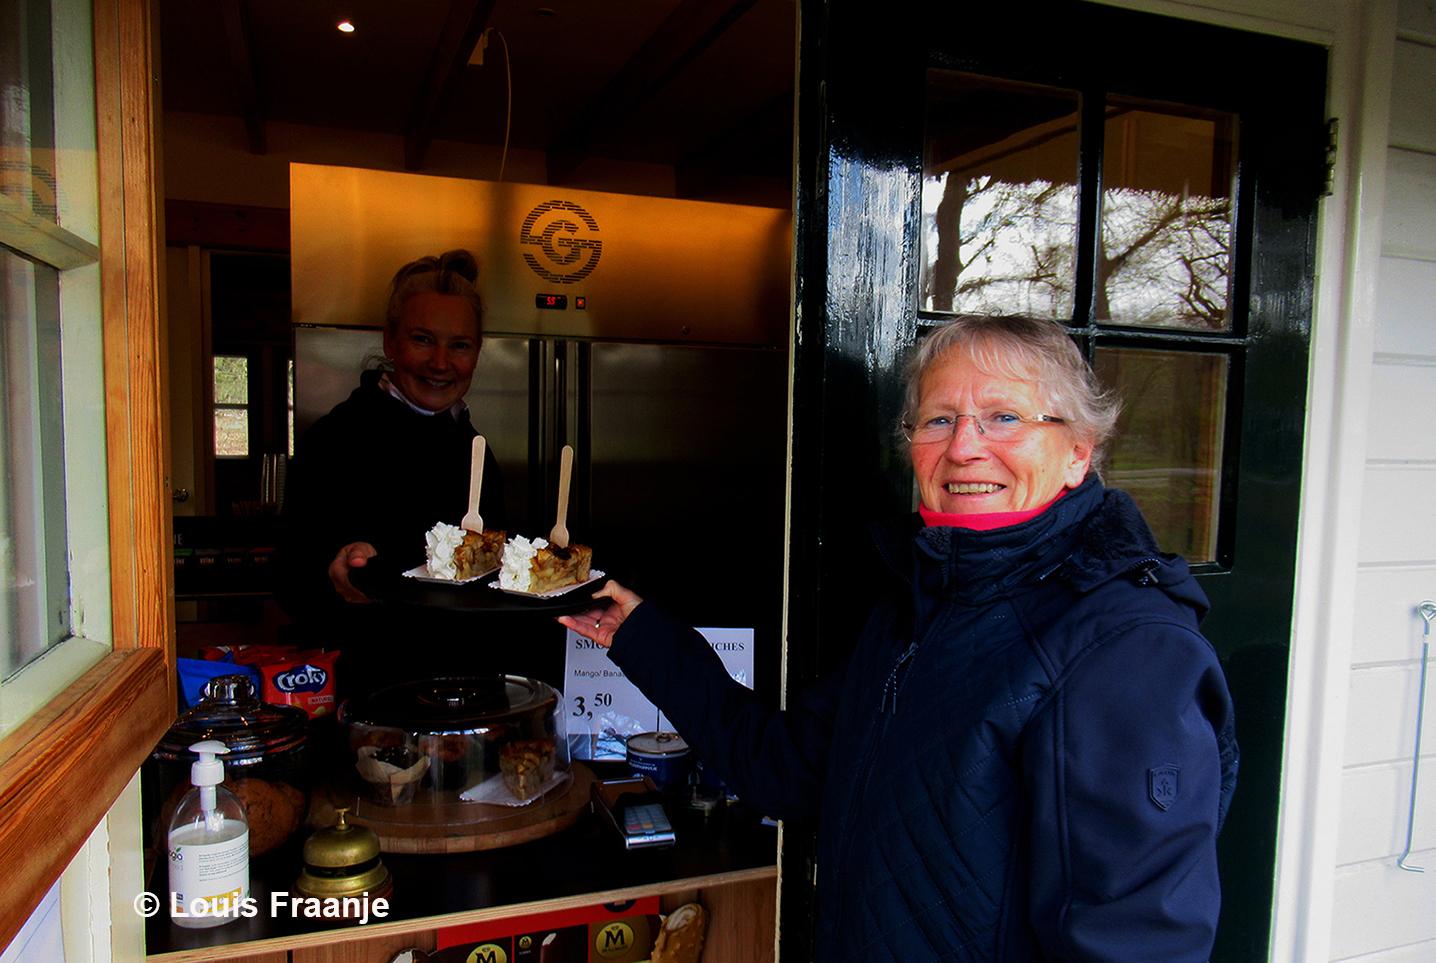 Nou die appeltaart met slagroom zal best smaken - Foto: Foto: ©Louis Fraanje